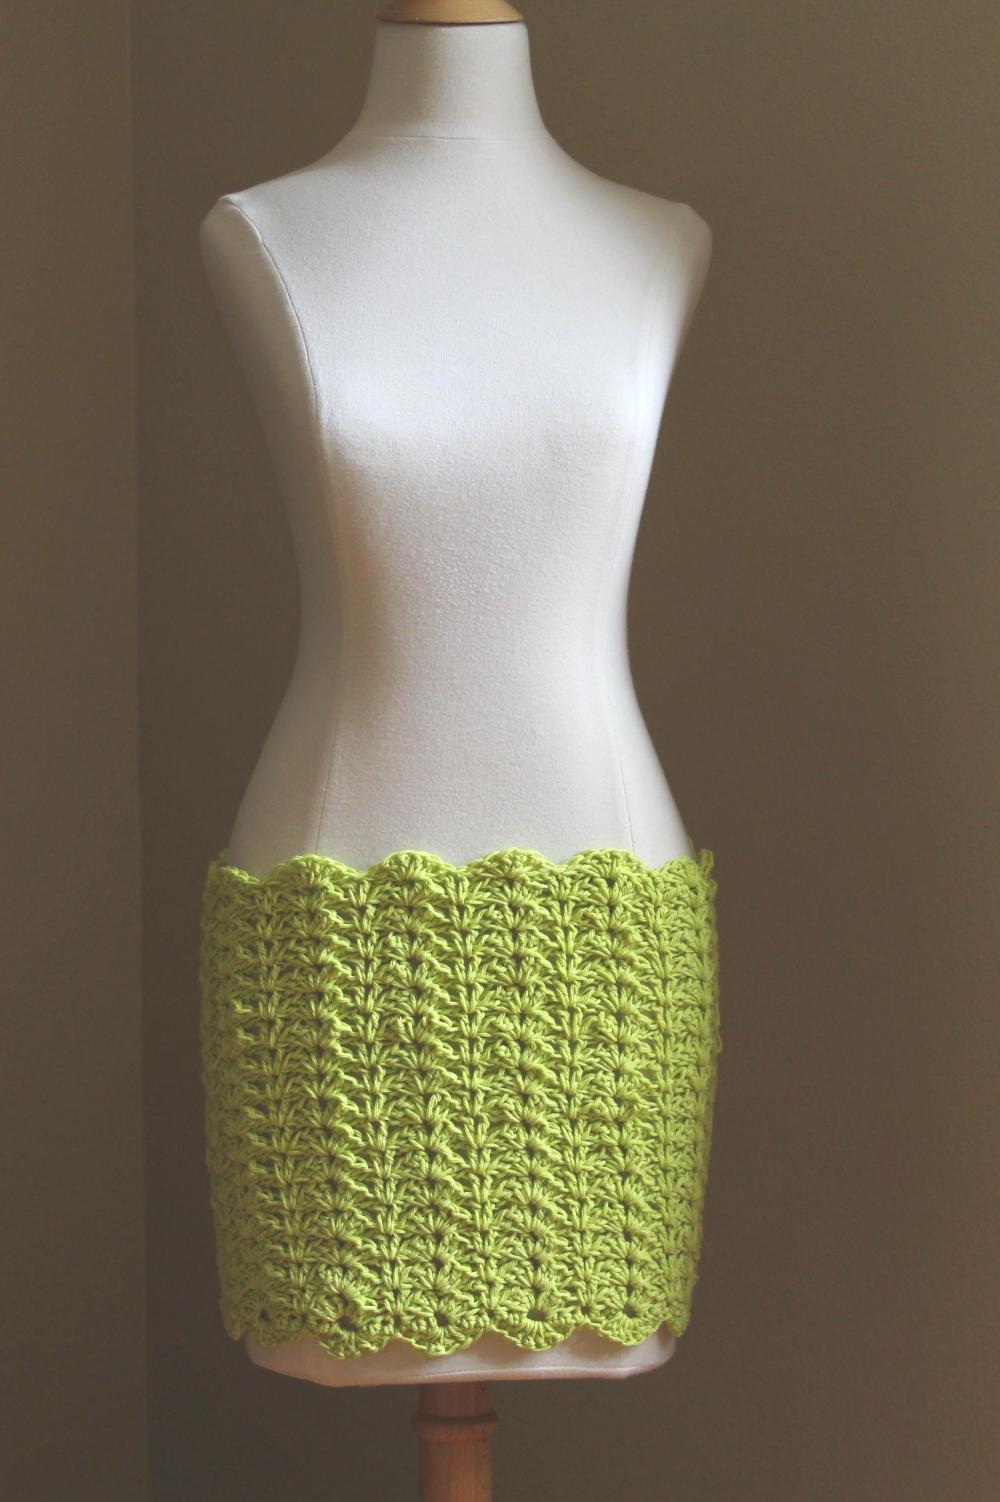 Crochet Patterns Skirt : Wailua Mini Cover-Up Skirt Crochet Pattern Handmade by Anne Potter